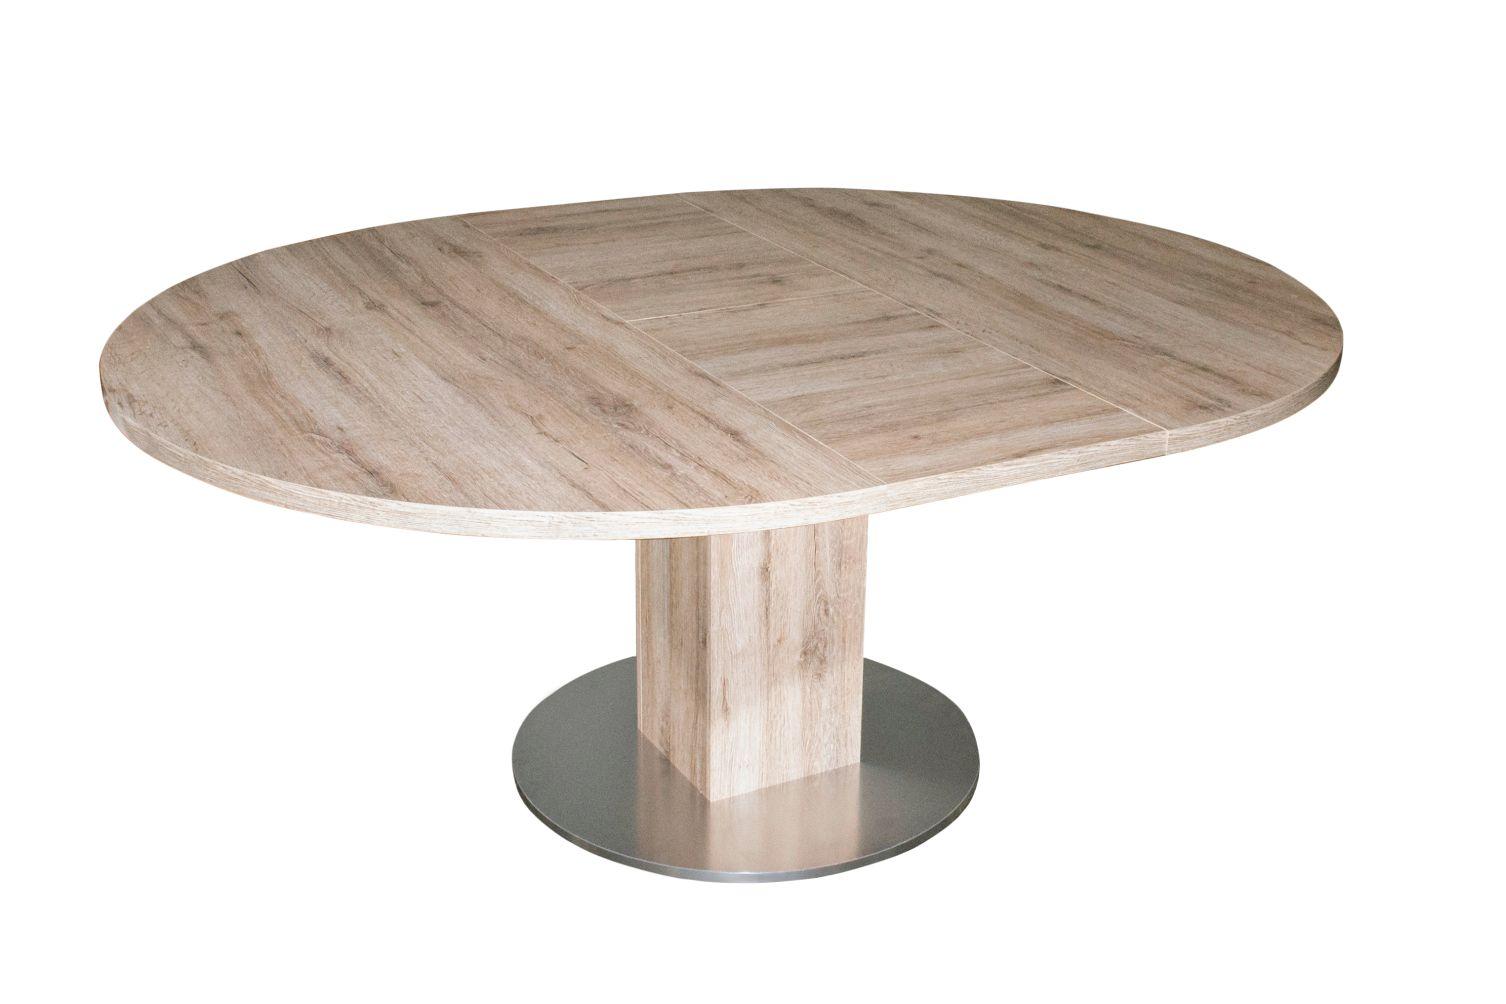 tisch rund k chentisch esstisch tische ausziehtisch speisetisch ausziehbar neu ebay. Black Bedroom Furniture Sets. Home Design Ideas